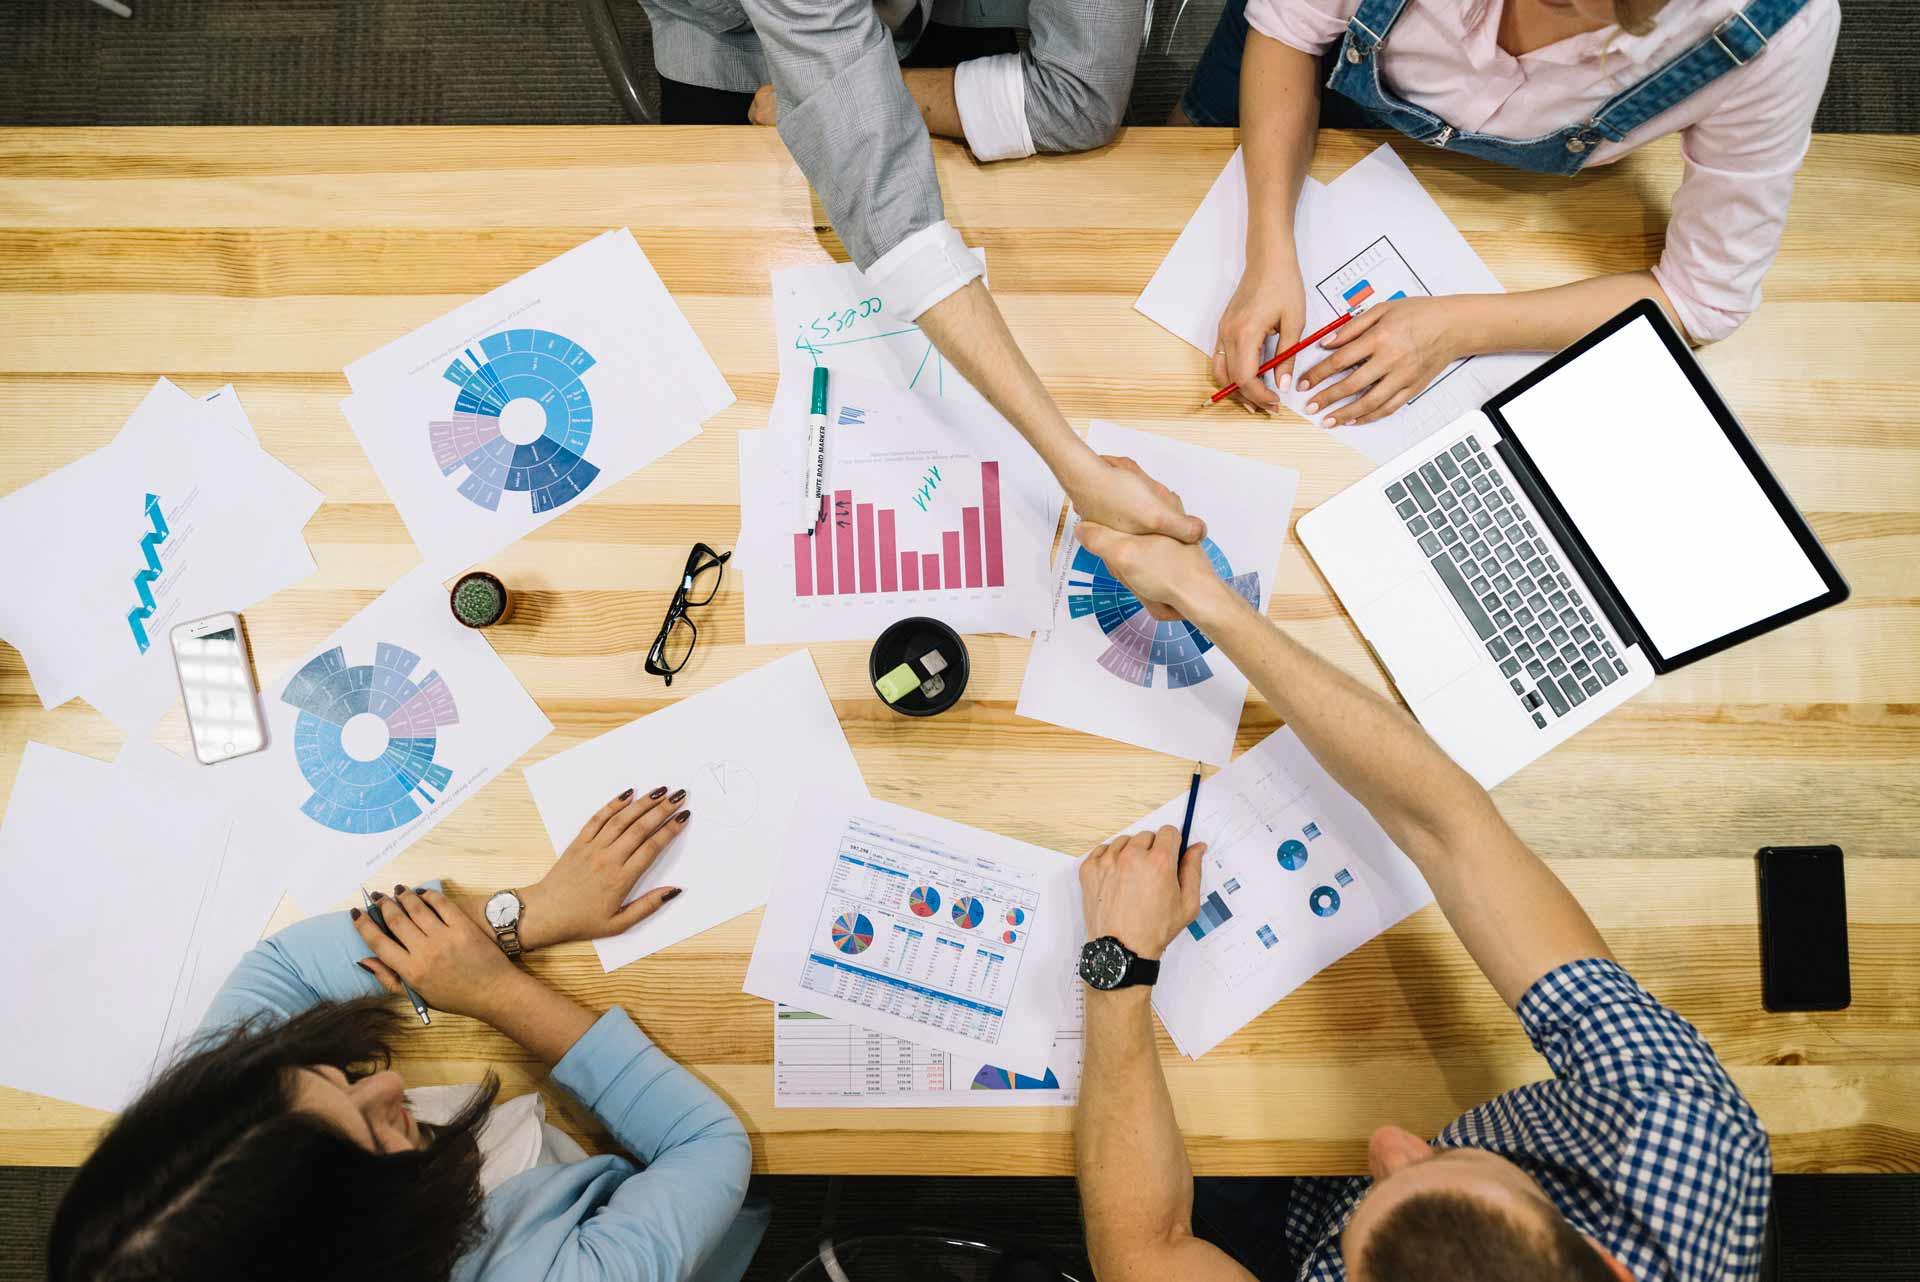 Бесплатный вебинар. Маркетинговая стратегия: как ее сделать самому, выбрать только эффективные каналы и сэкономить до 70% на продвижение